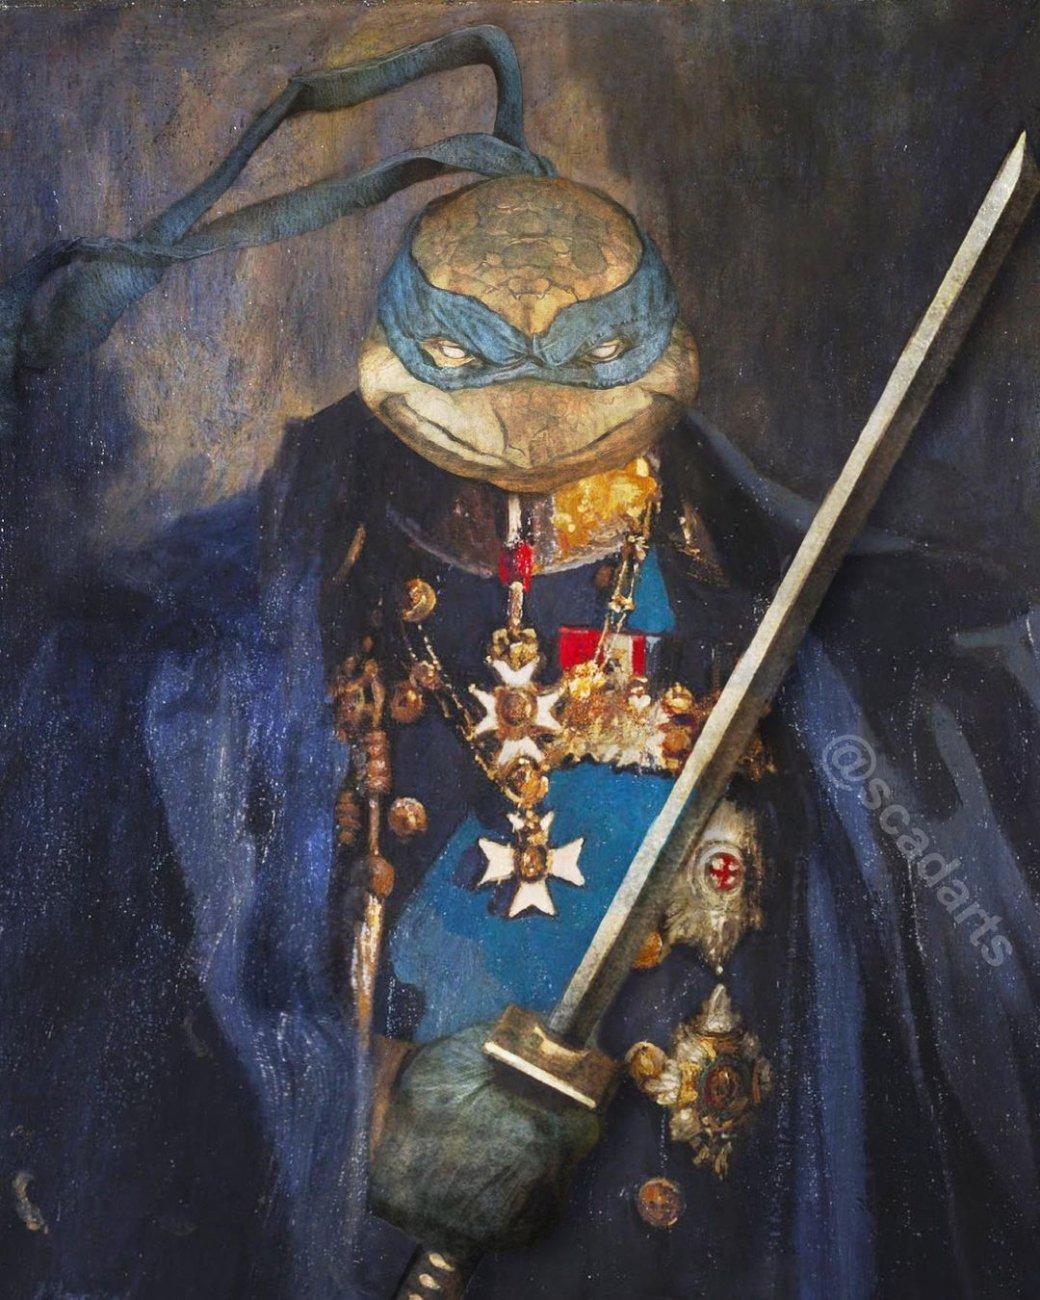 Майки, Раф, Лео иДонни: художник показал Черепашек-ниндзя встиле 18 века